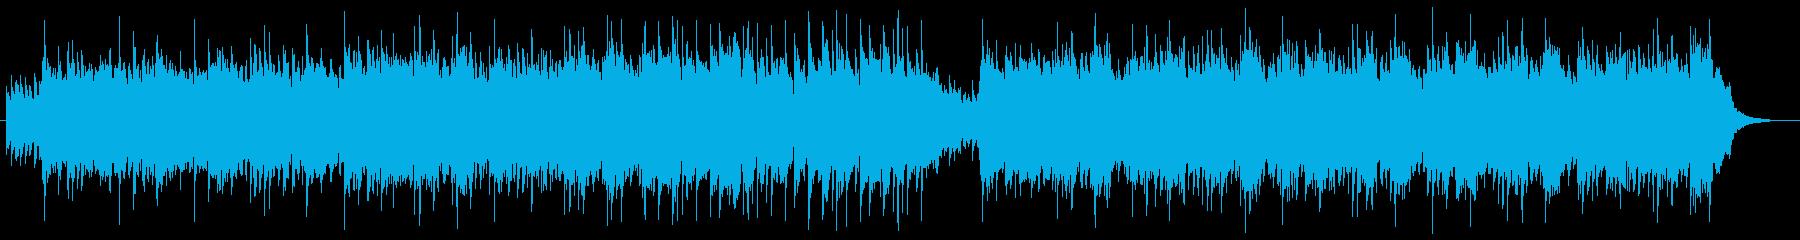 しんみりと優しいミュージックの再生済みの波形